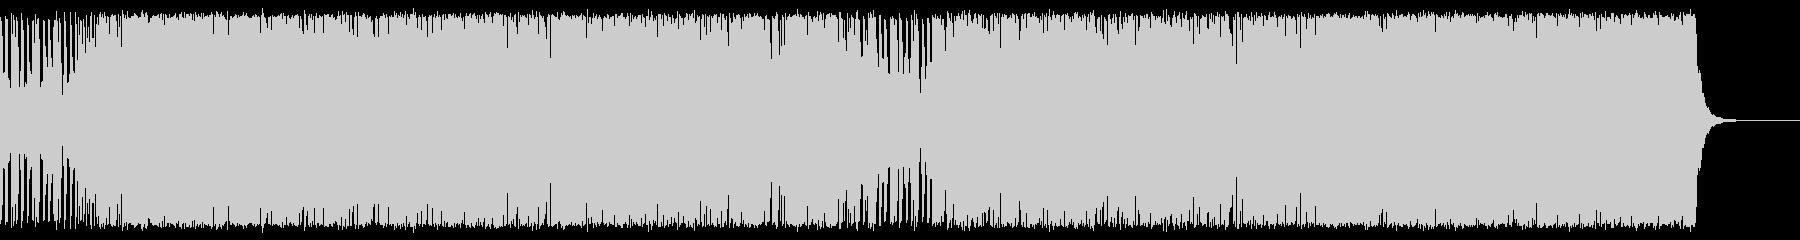 ポップなジムノペディ(エリック・サティ)の未再生の波形